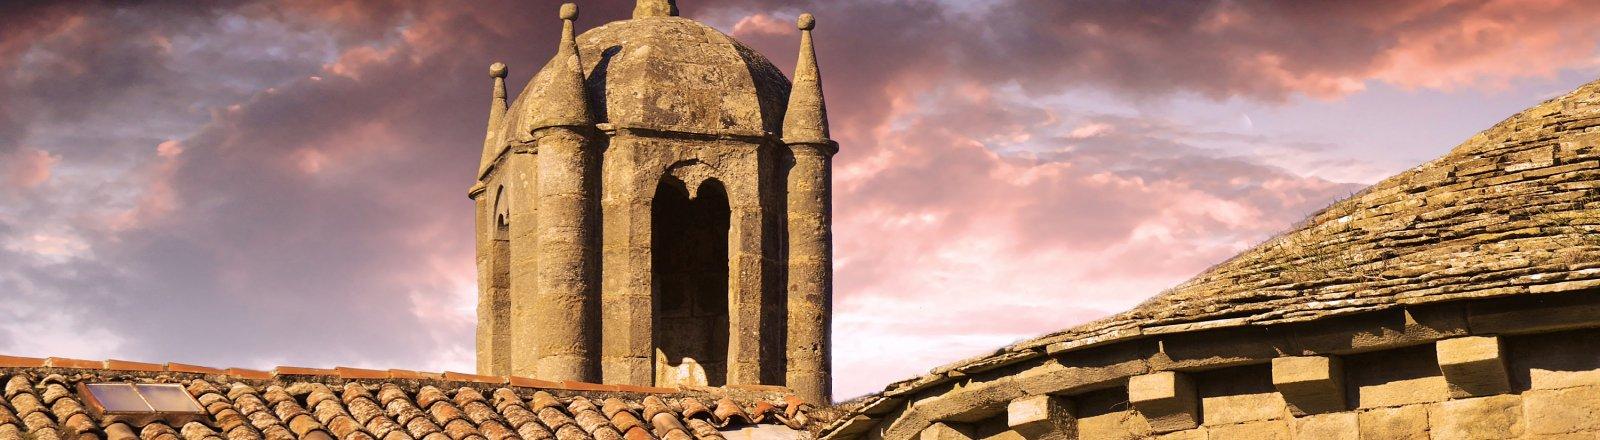 Prieuré Saint Michel de Grandmont © Olivier Diaz de Zarate